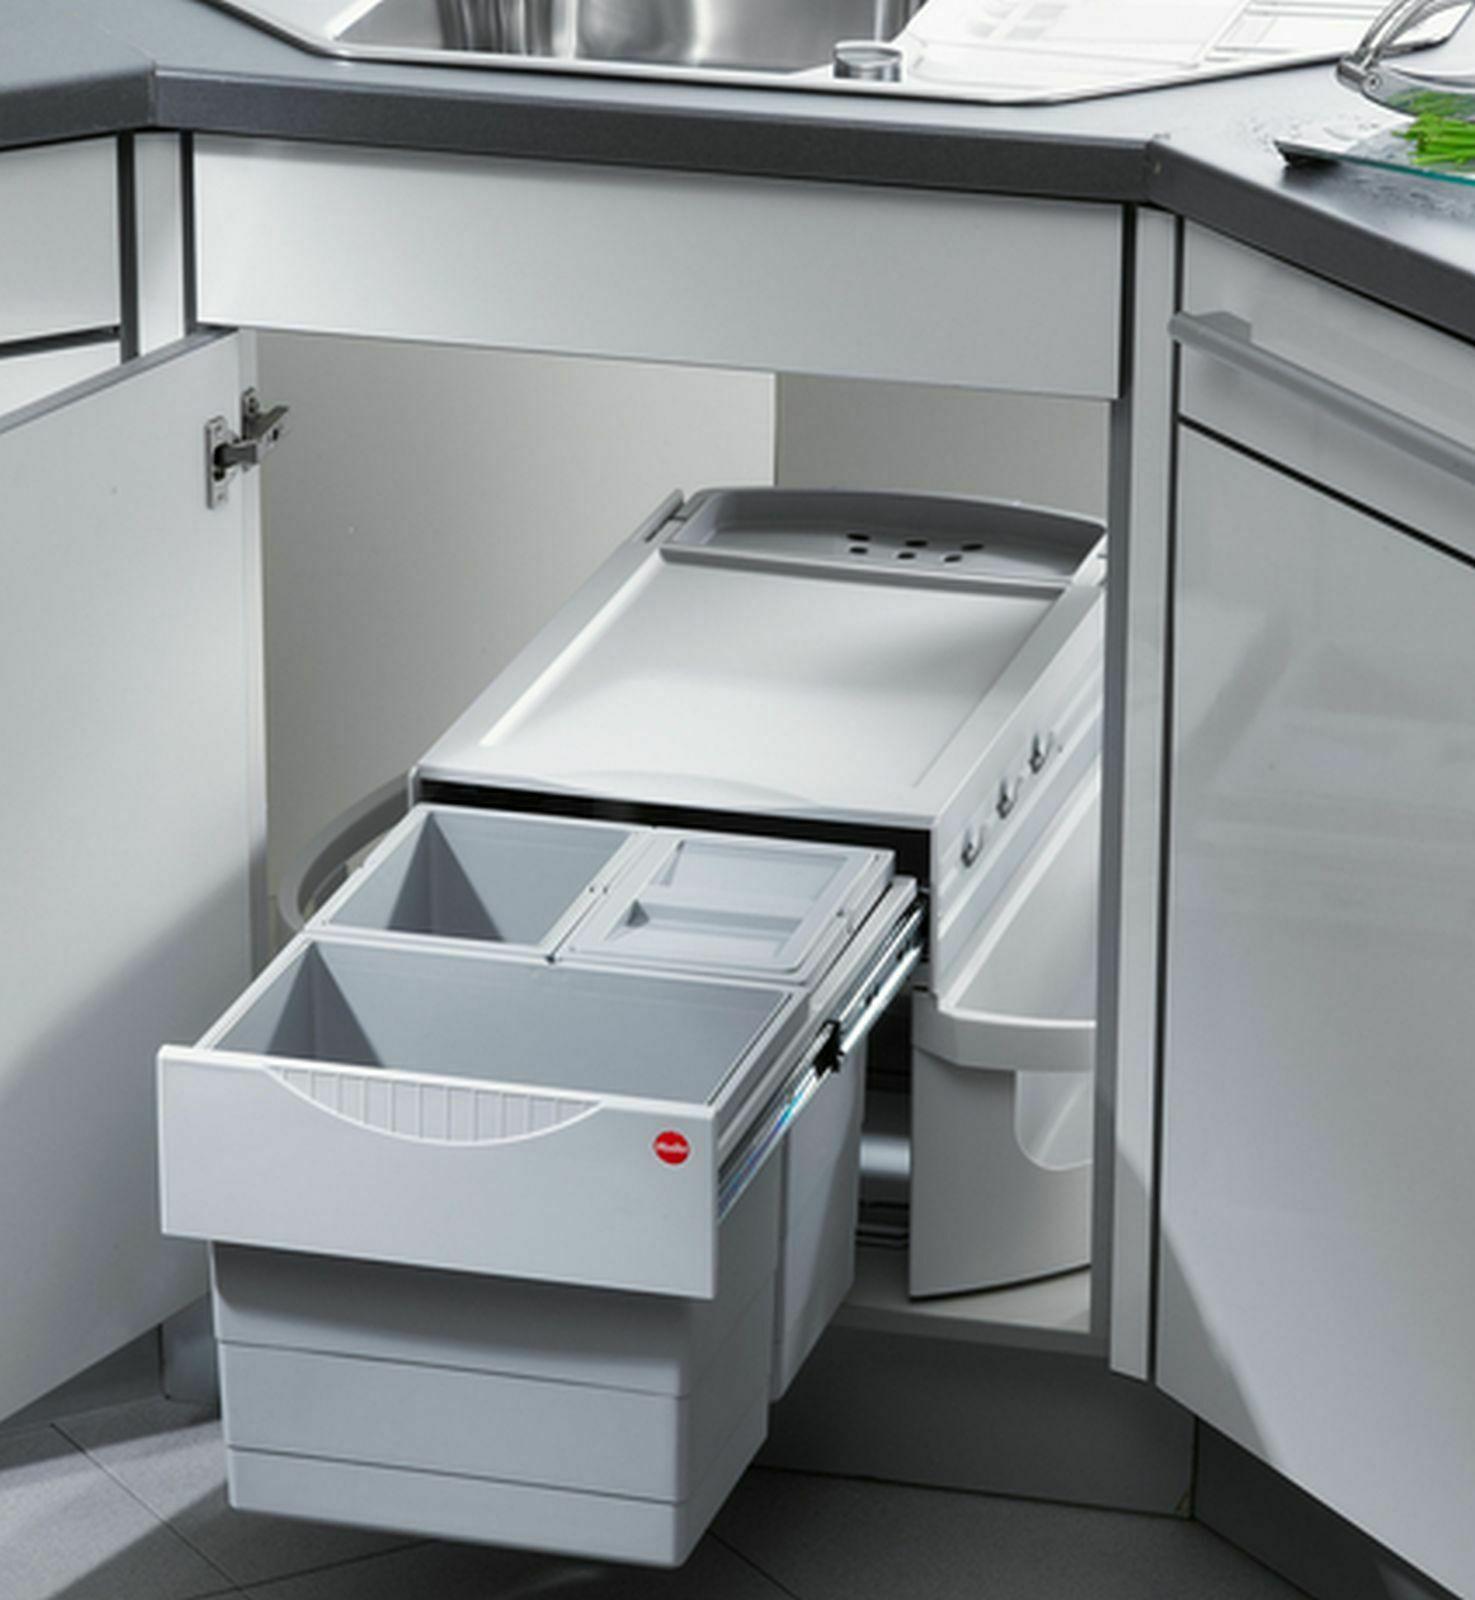 Küchen Mülleimer 360° drehbar Hailo Rondo Müllsystem Einbau Mülltrennung  *47315